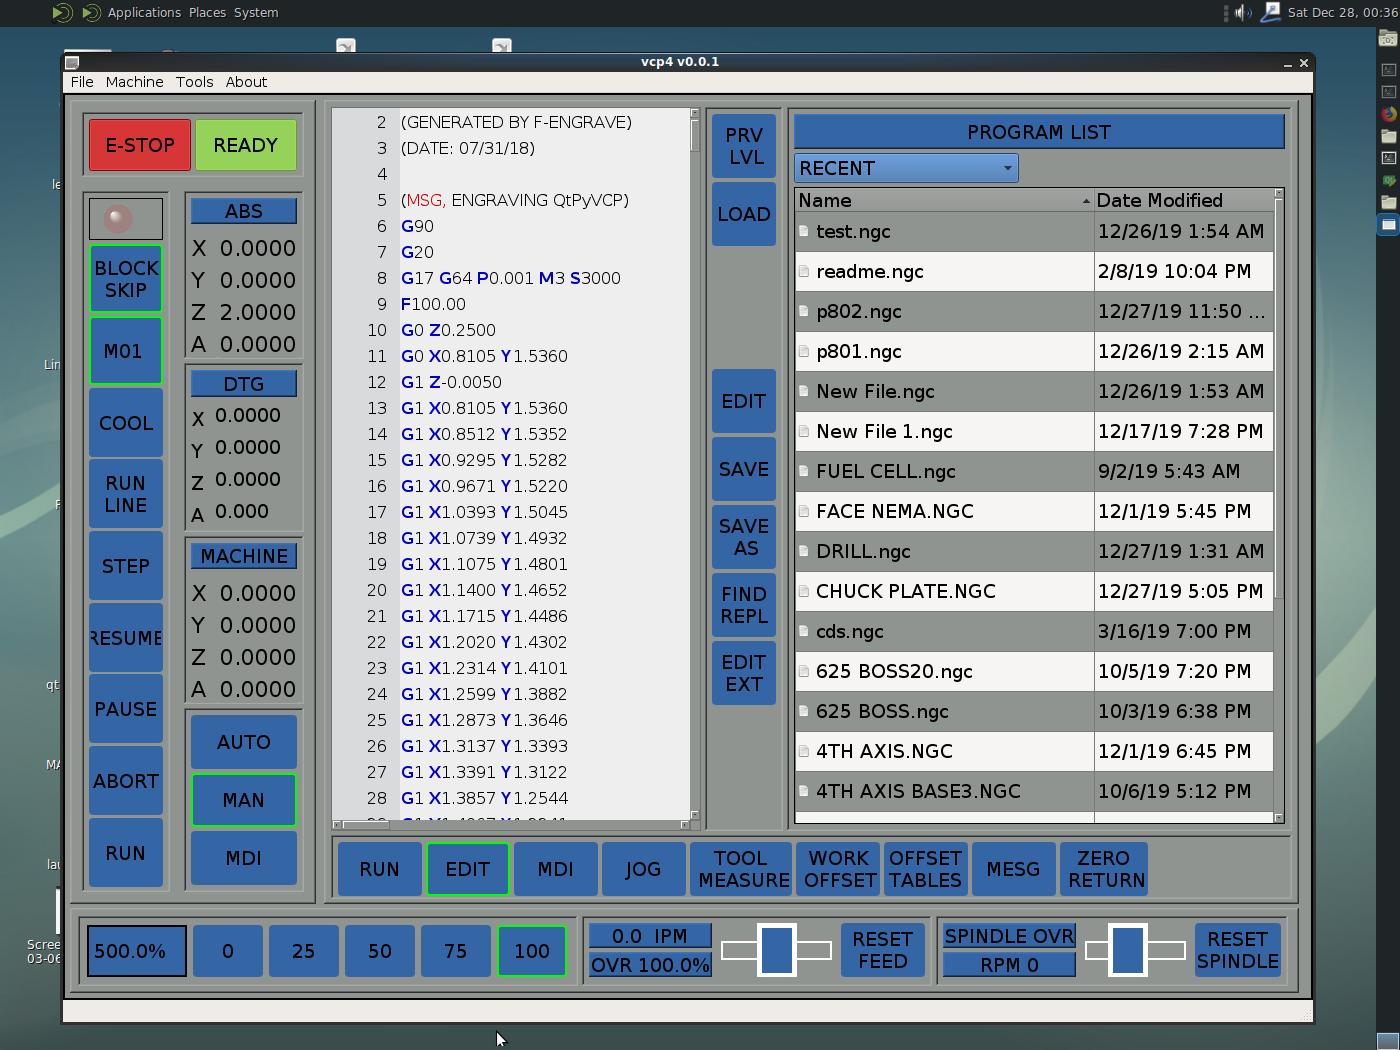 Screenshotat2019-12-2800-36-08.png